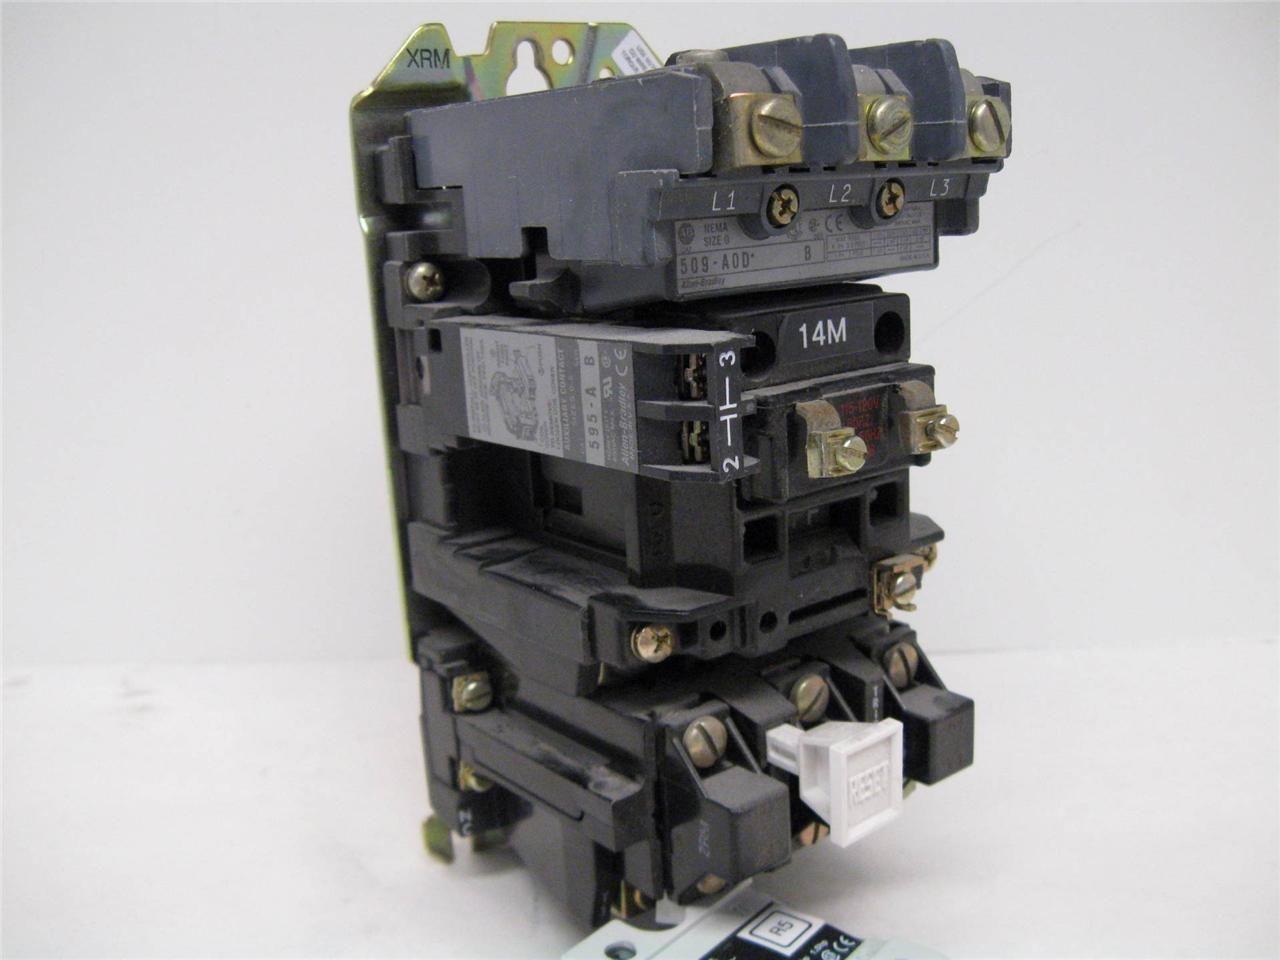 Allen Bradley 509 A0d Size 0 Motor Starter 120 Vac Coil